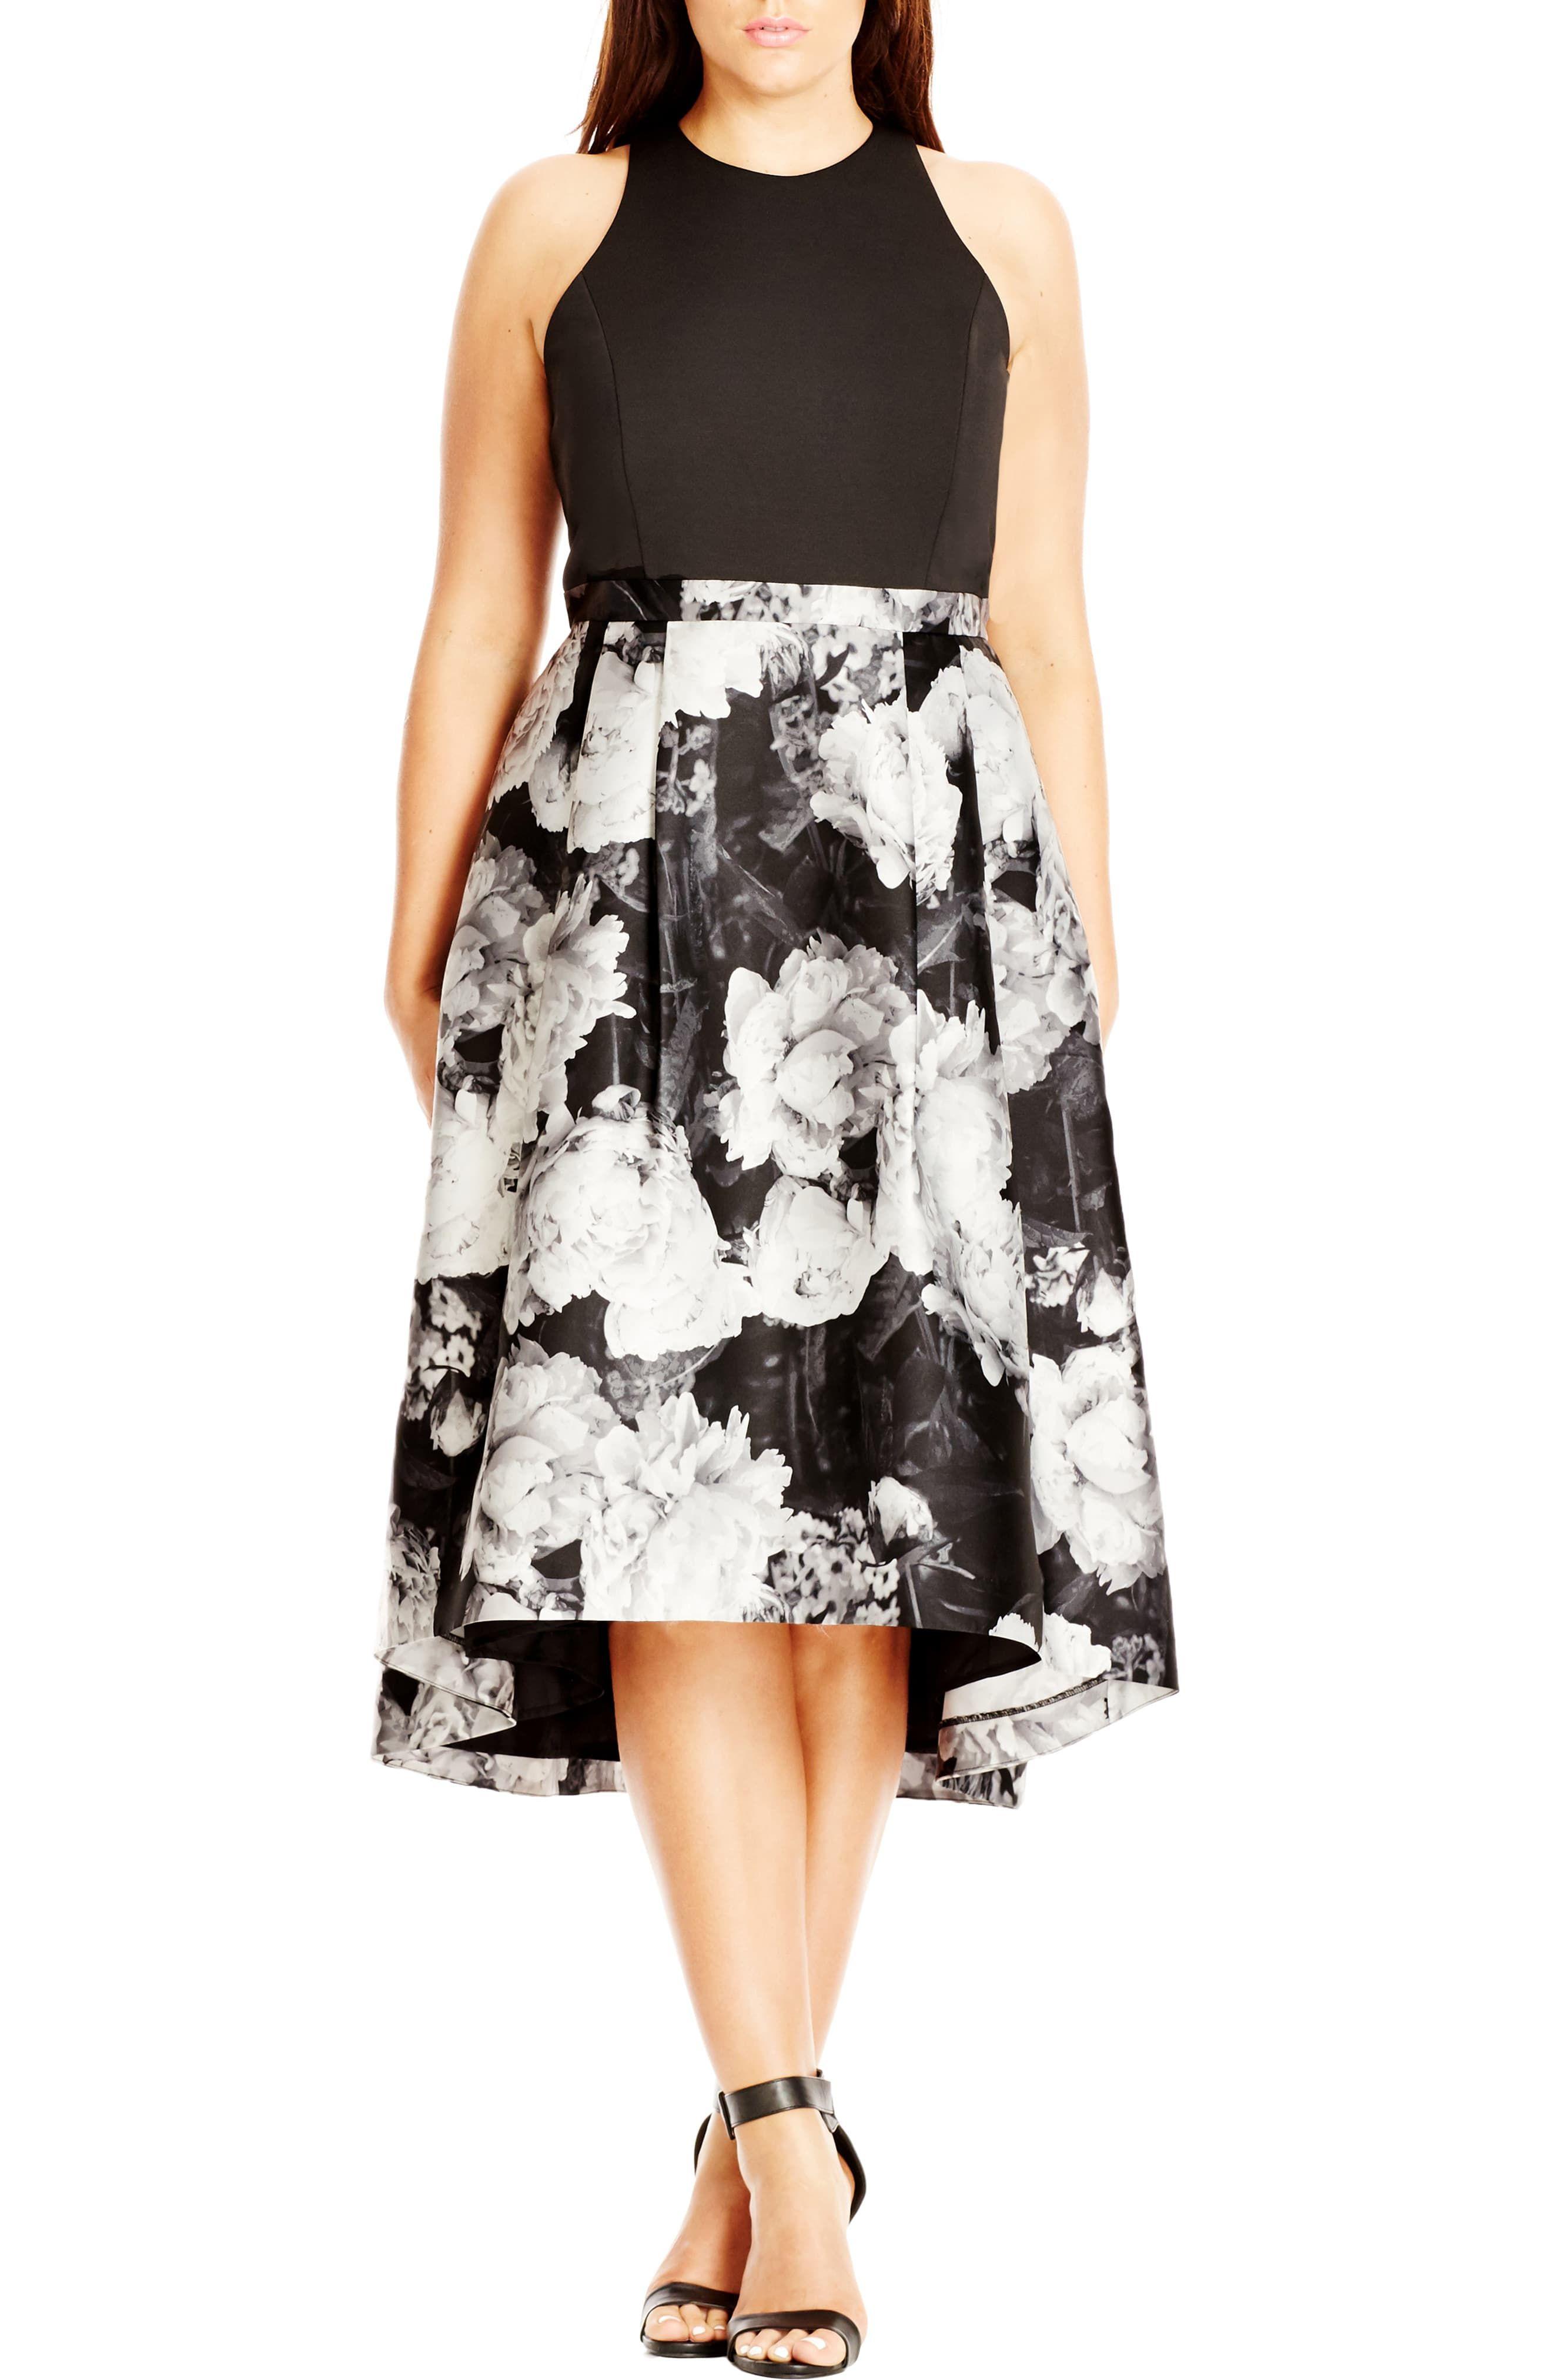 Plus size dress in black